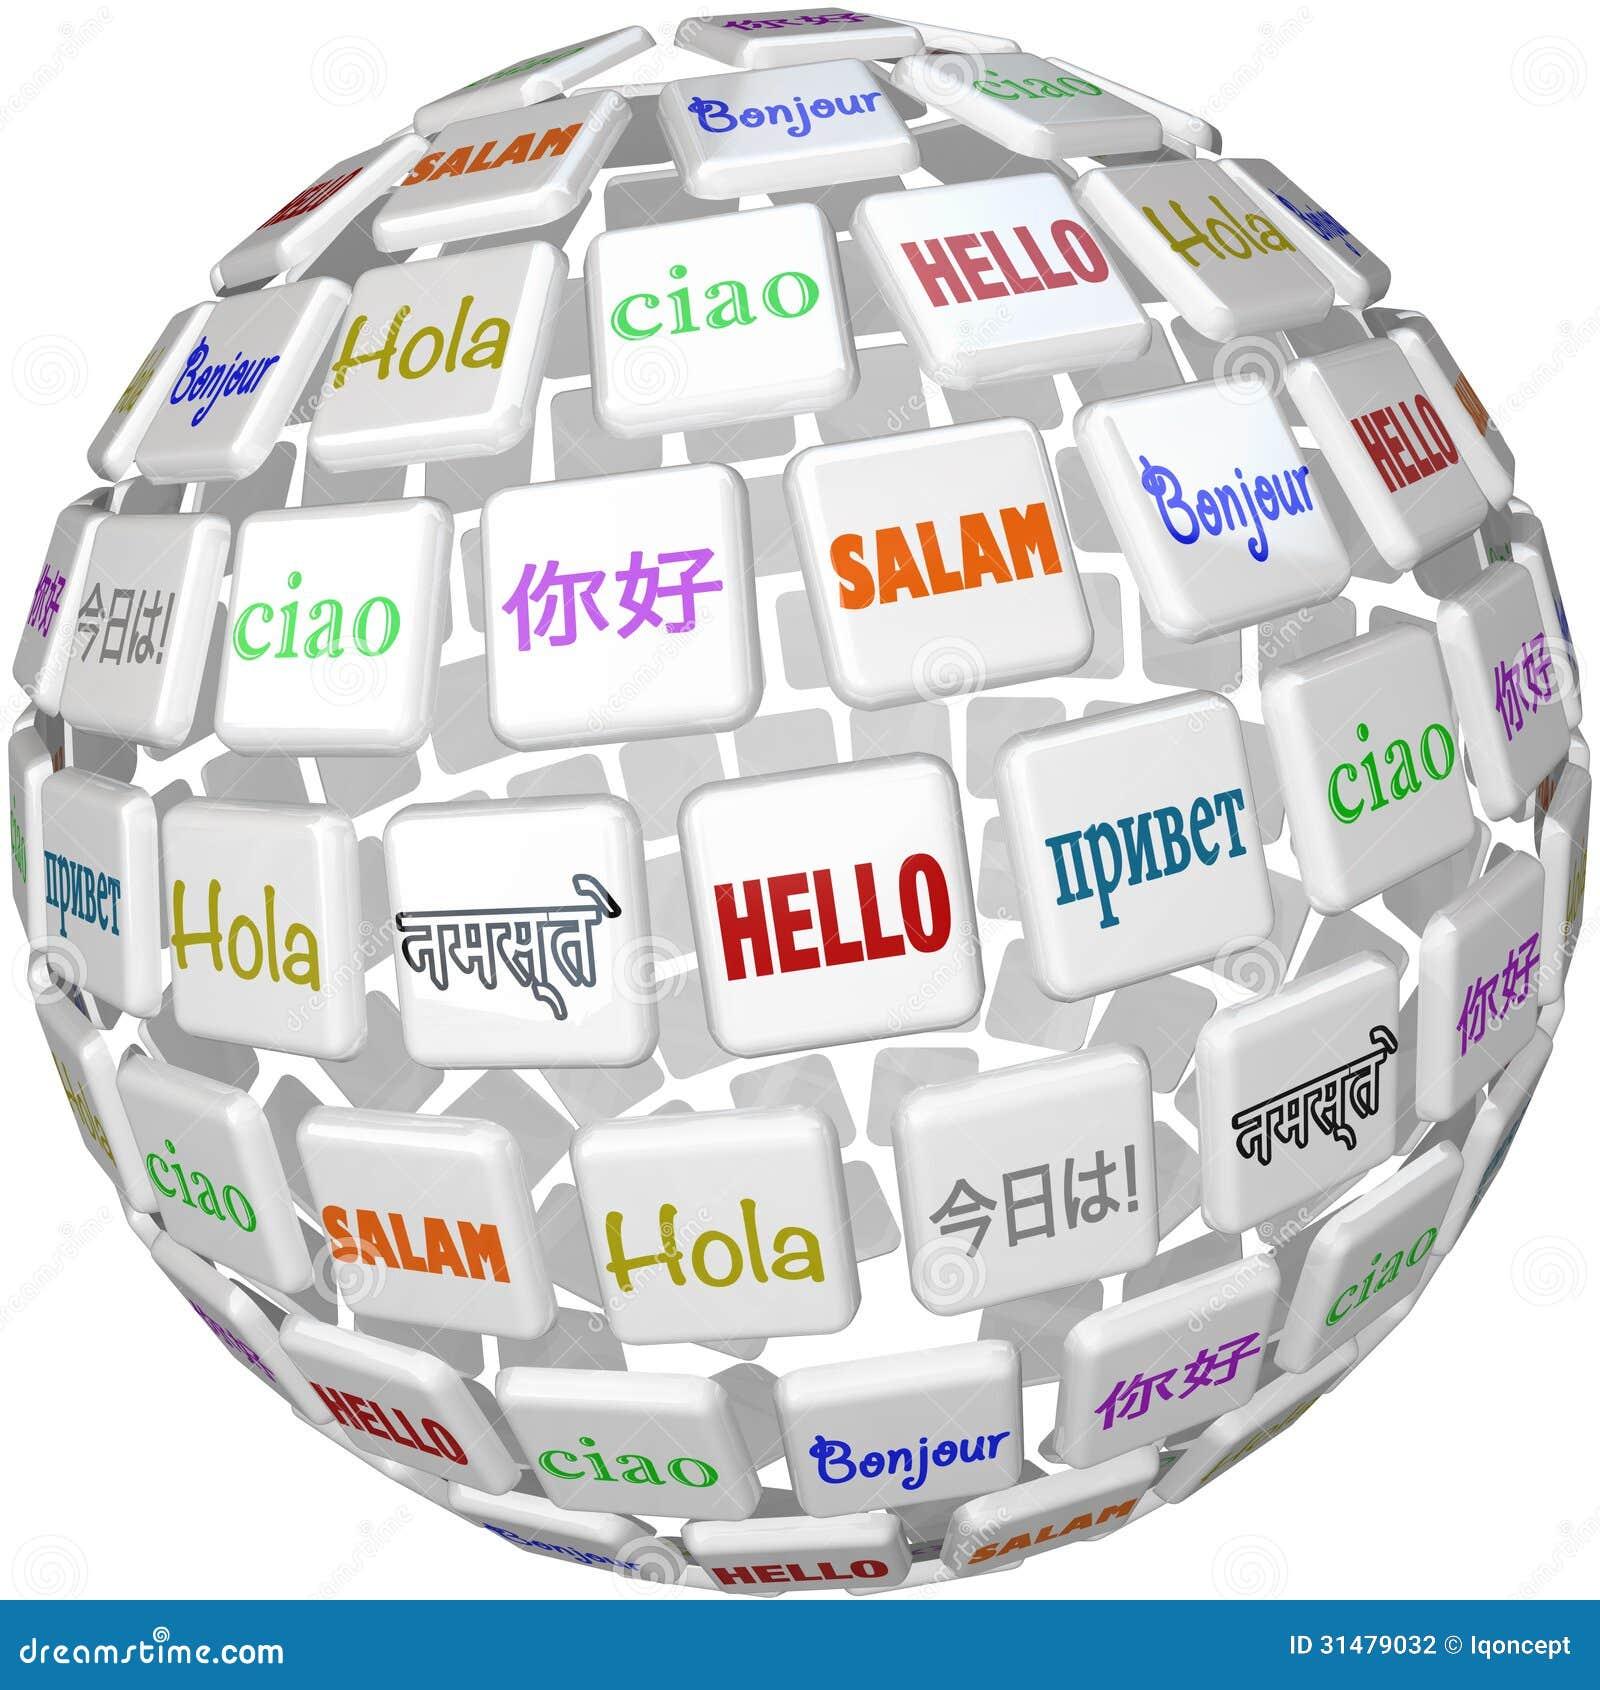 dream in different languages